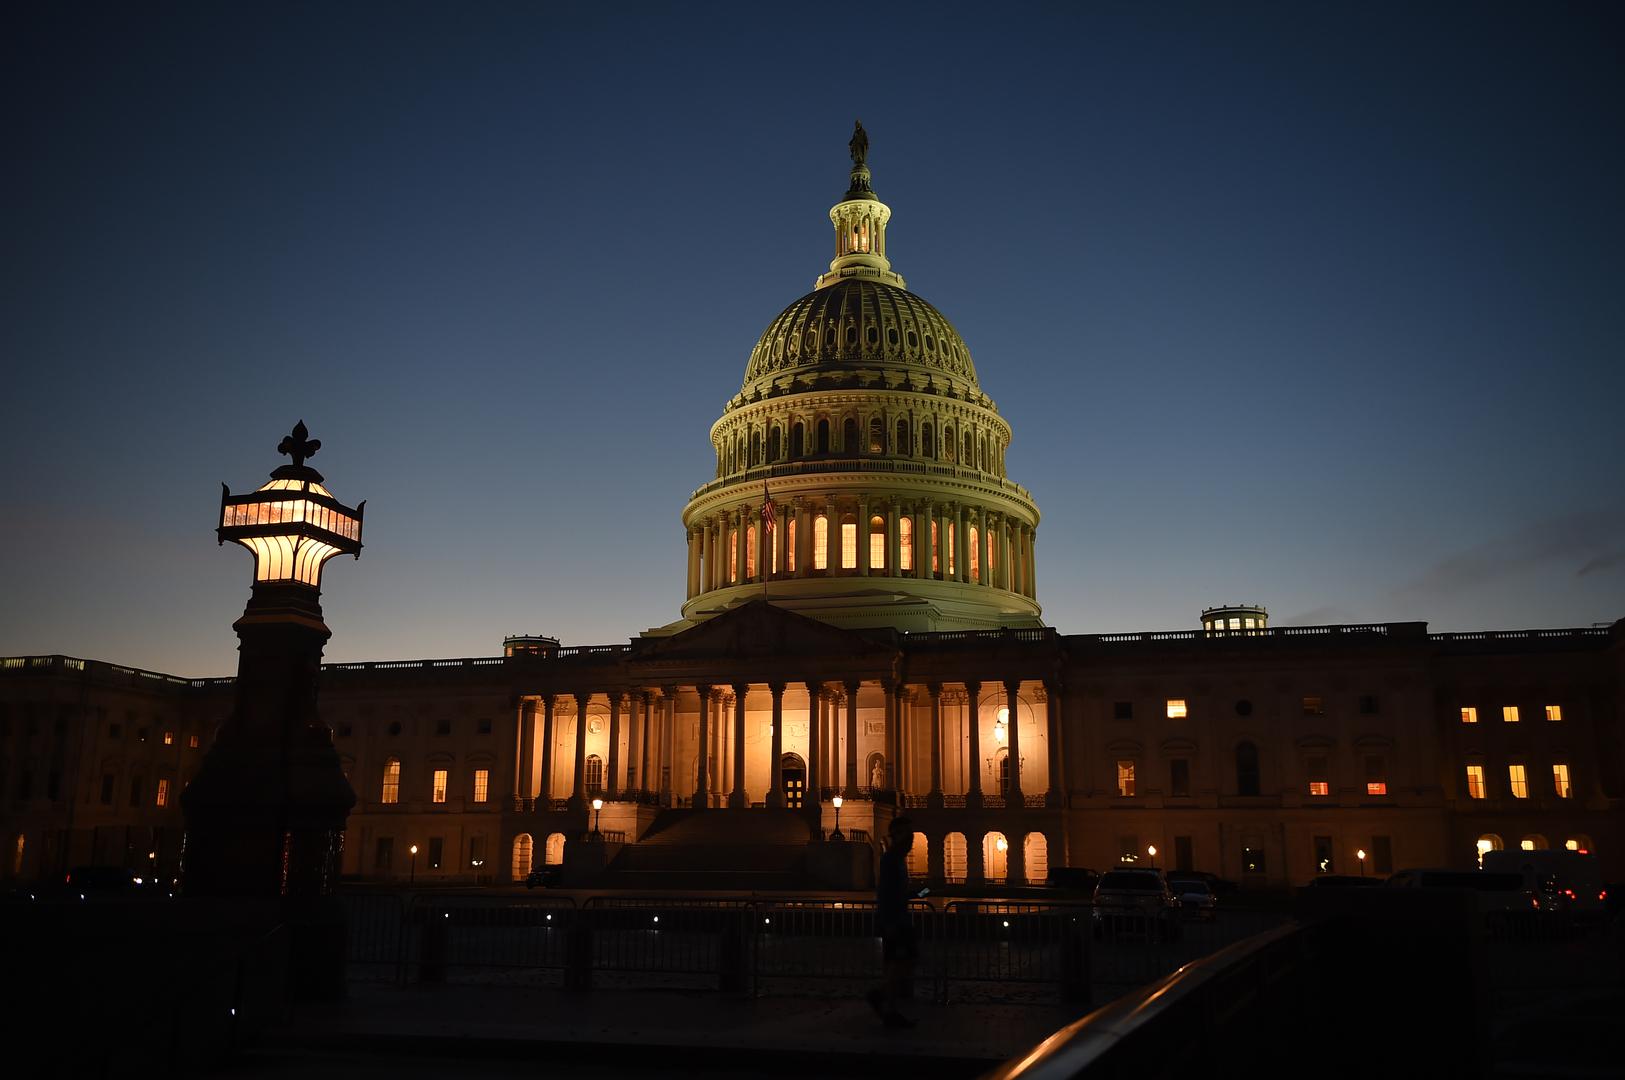 الجمهوريون يعرقلون تشريع رفع سقف الدين الأمريكي